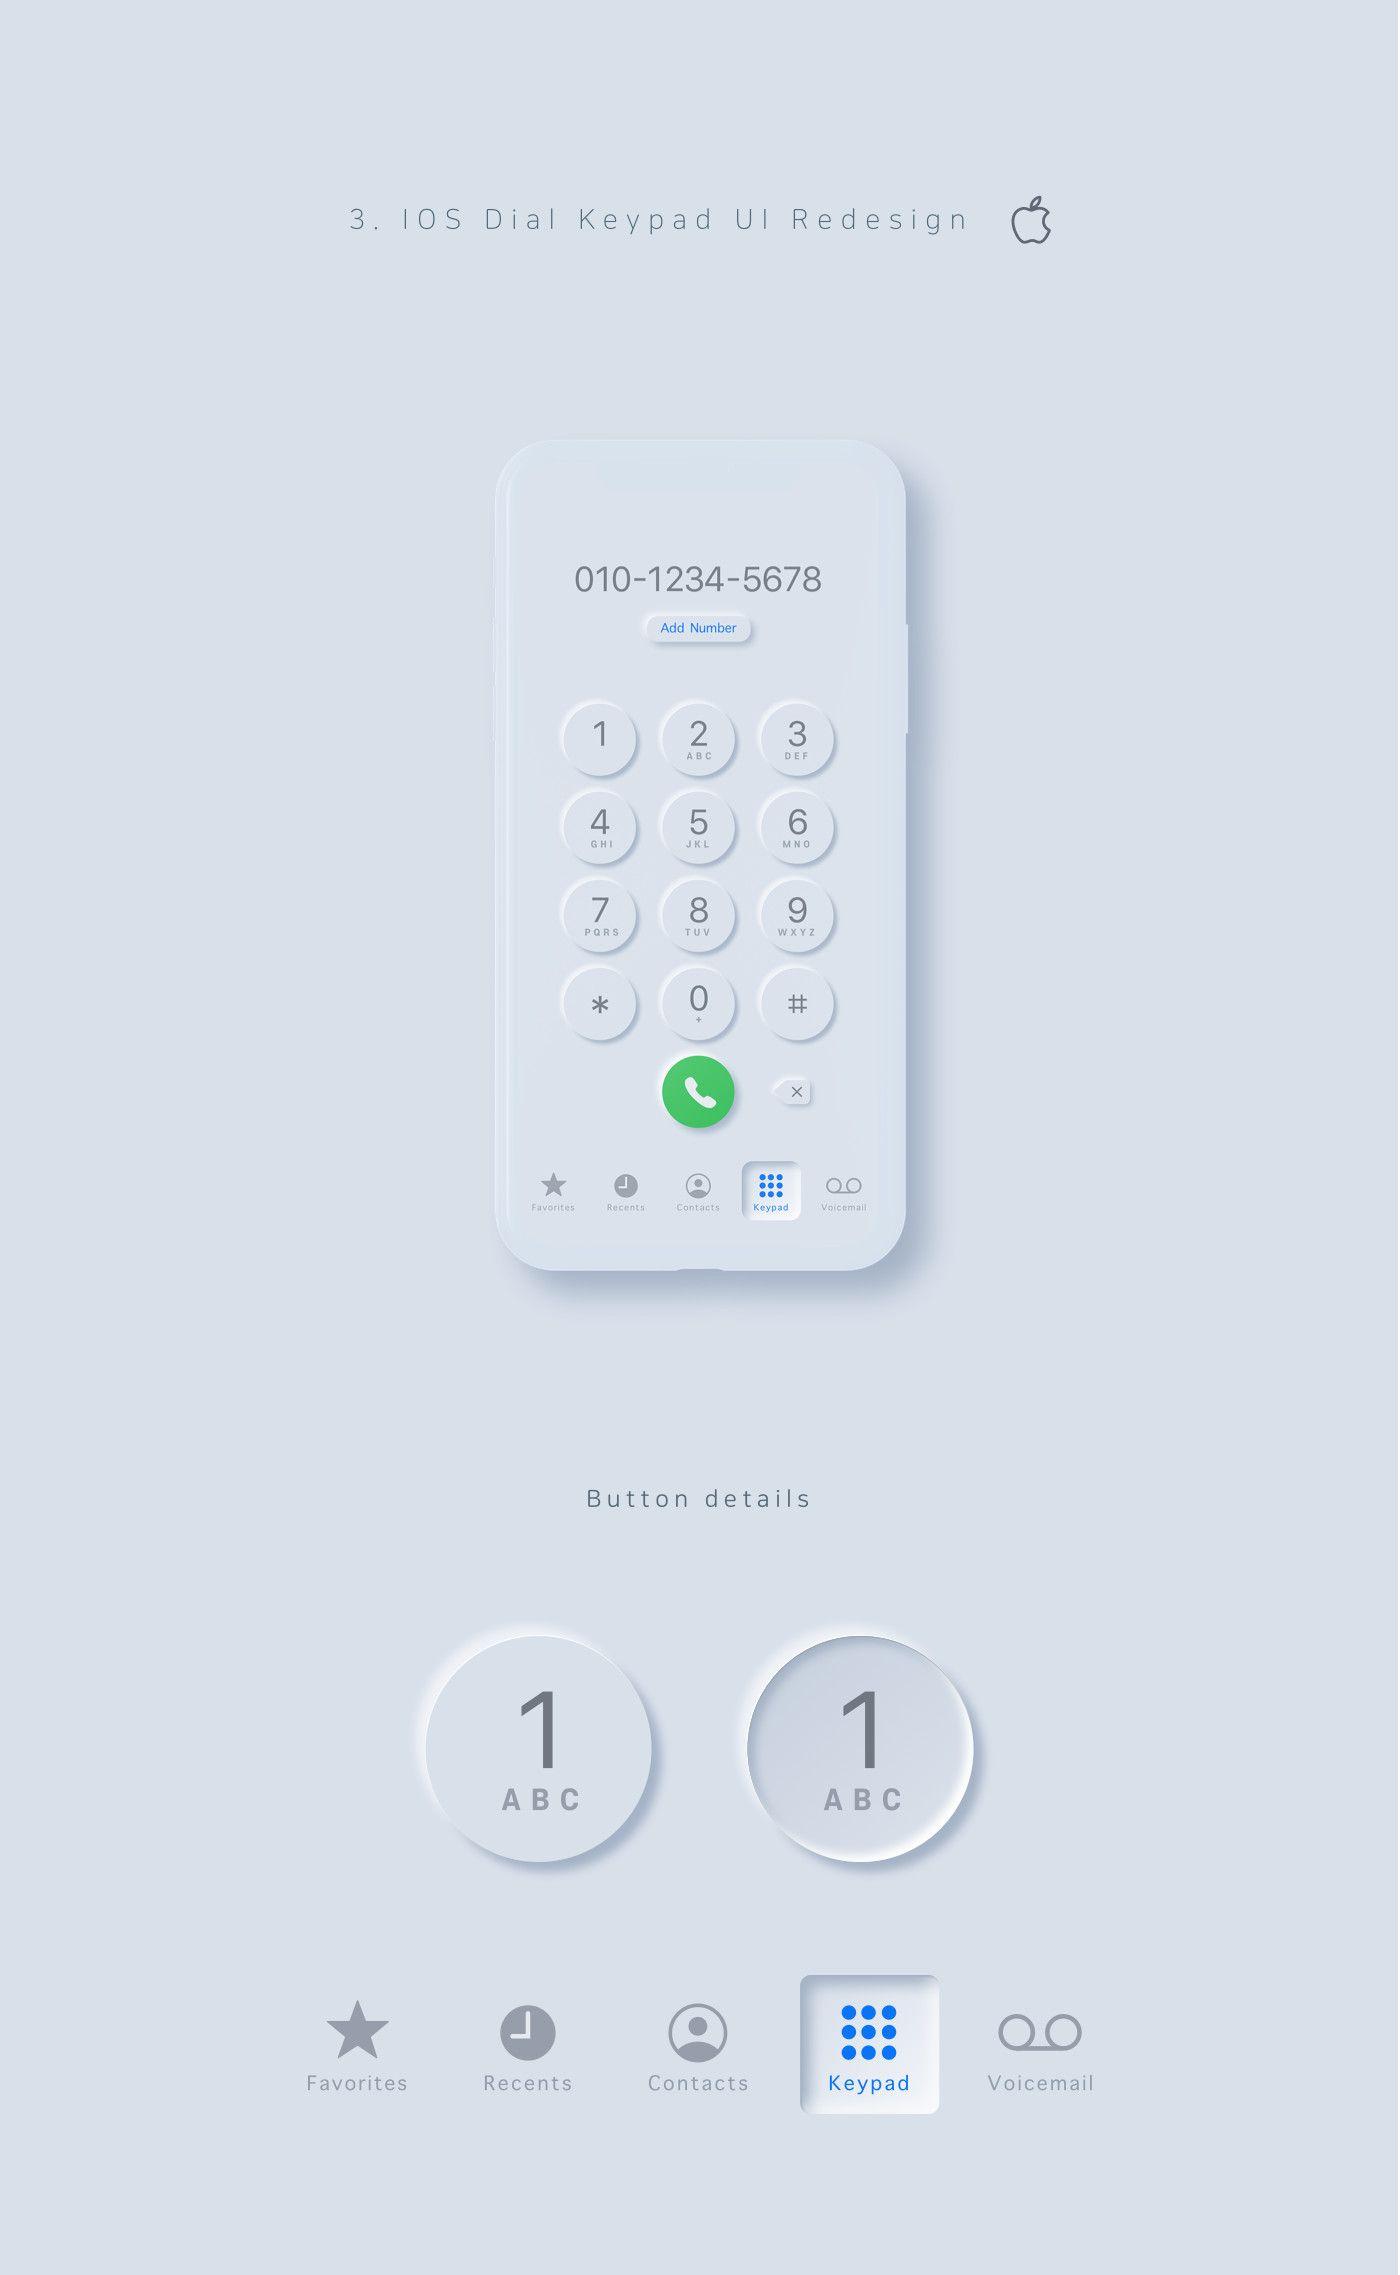 [UI Design] Neumorphism Design Concept / 뉴모피즘 디자인 컨셉 - 그래픽 디자인, UI/UX